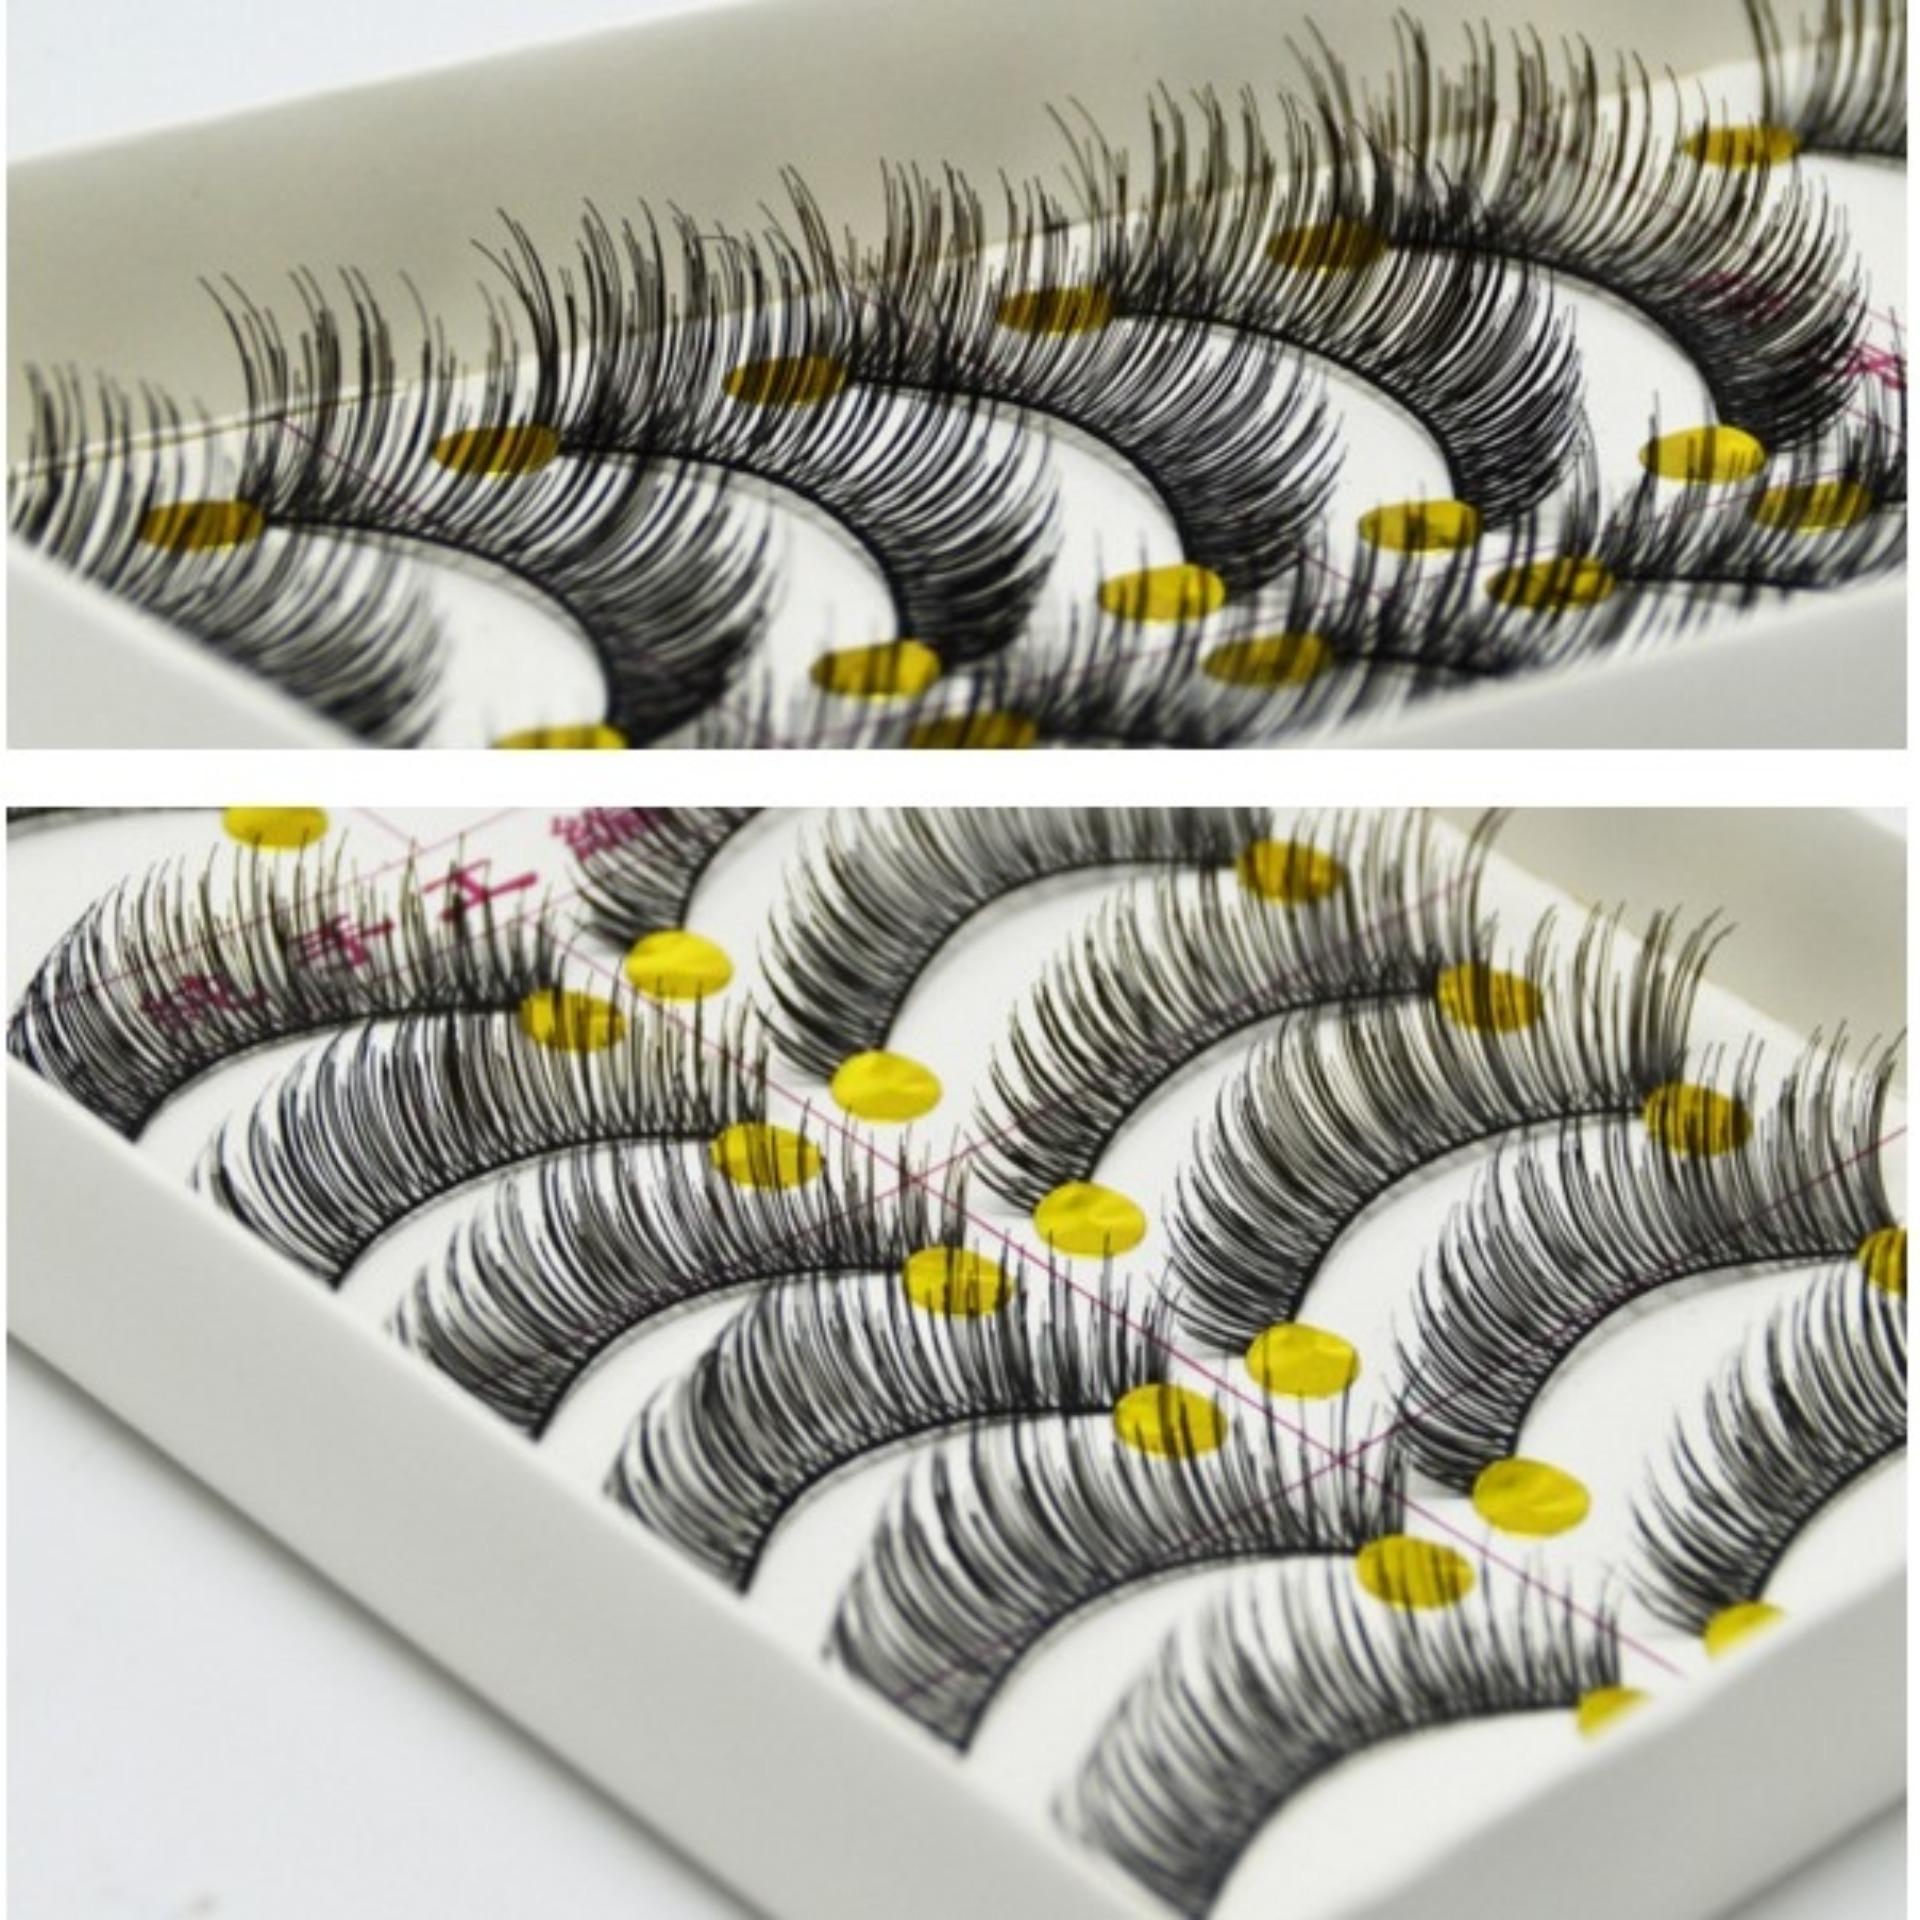 10 Pasang bulu mata palsu warna hitam tebal dan tampak natural (7700)